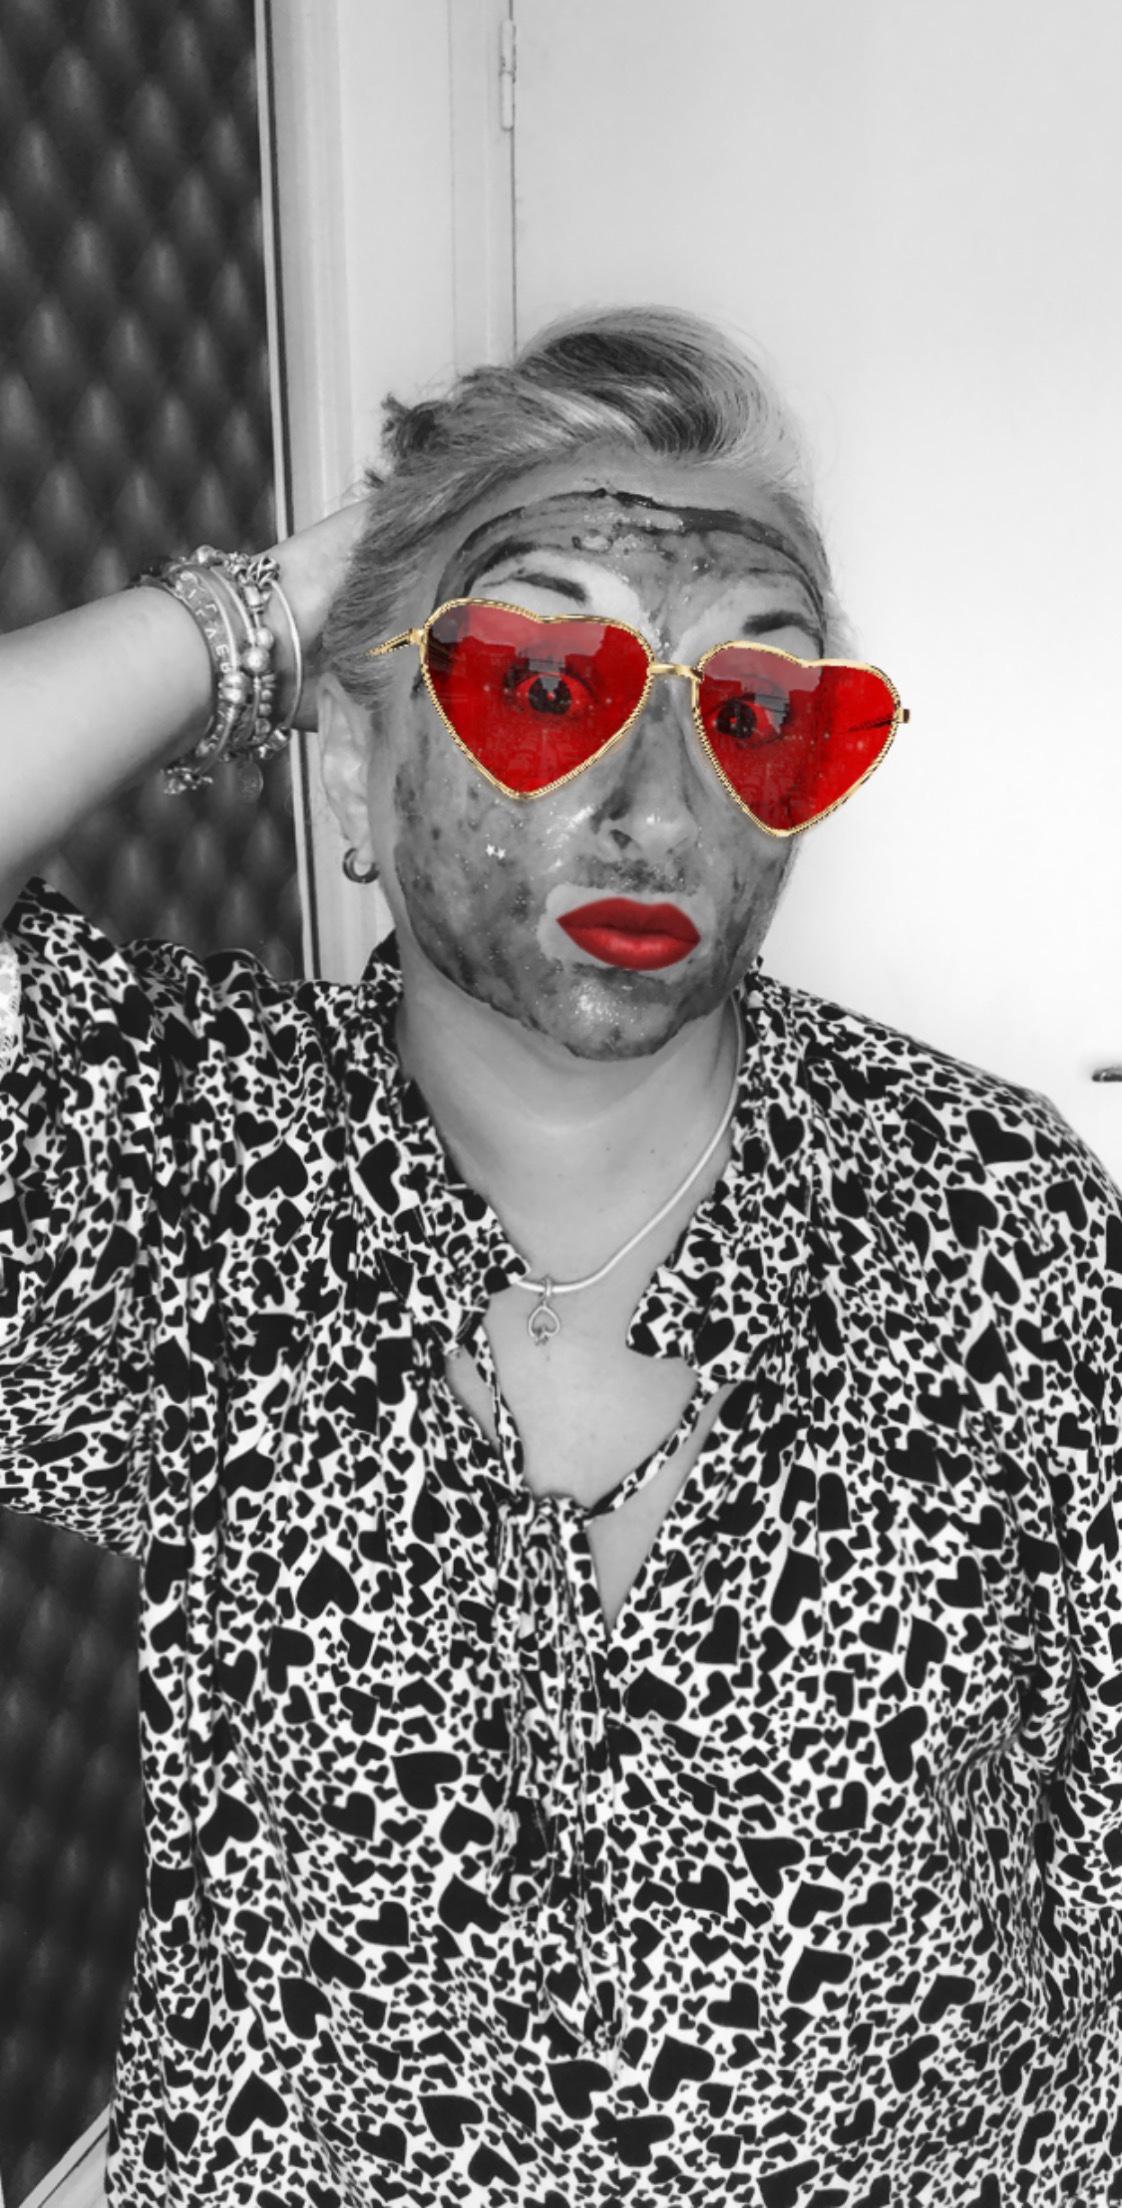 Masque selfie project peel off noir #shinelikeastar